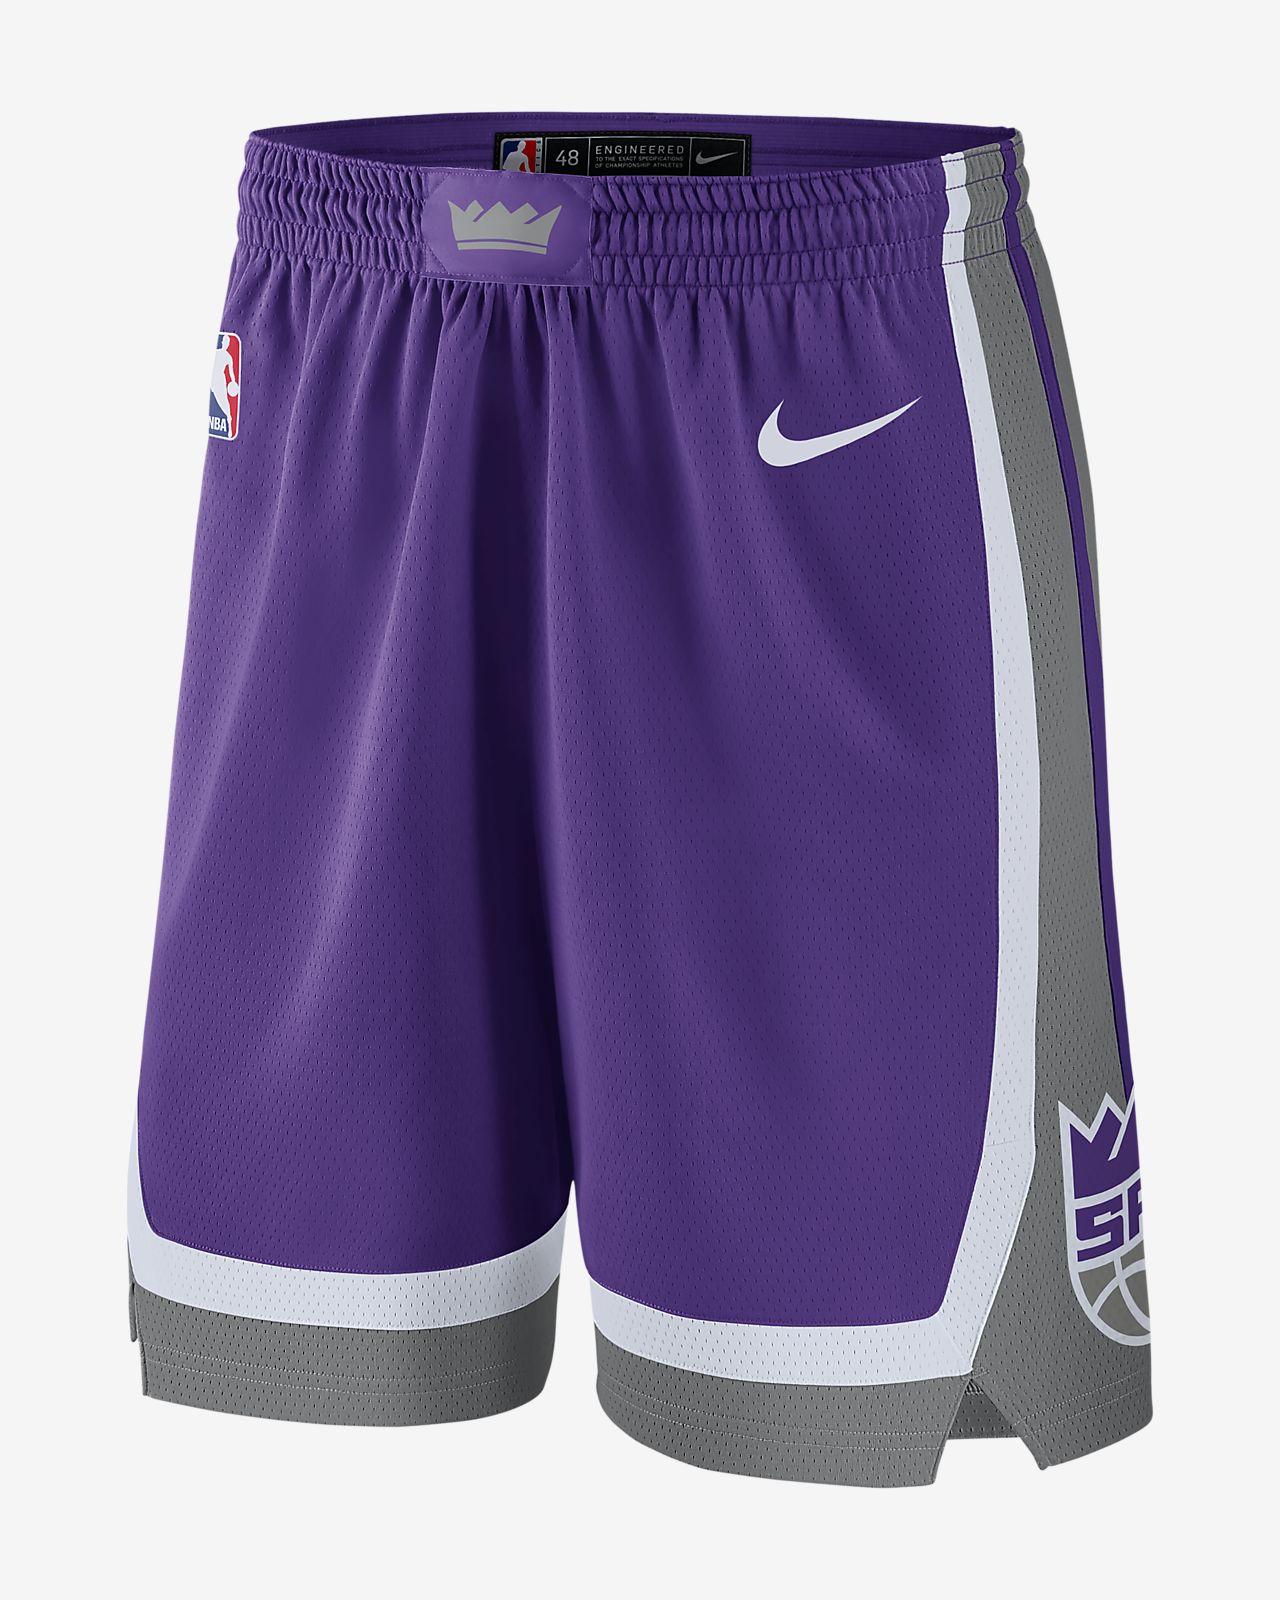 Sacramento Kings Icon Edition Swingman Nike NBA-s férfirövidnadrág